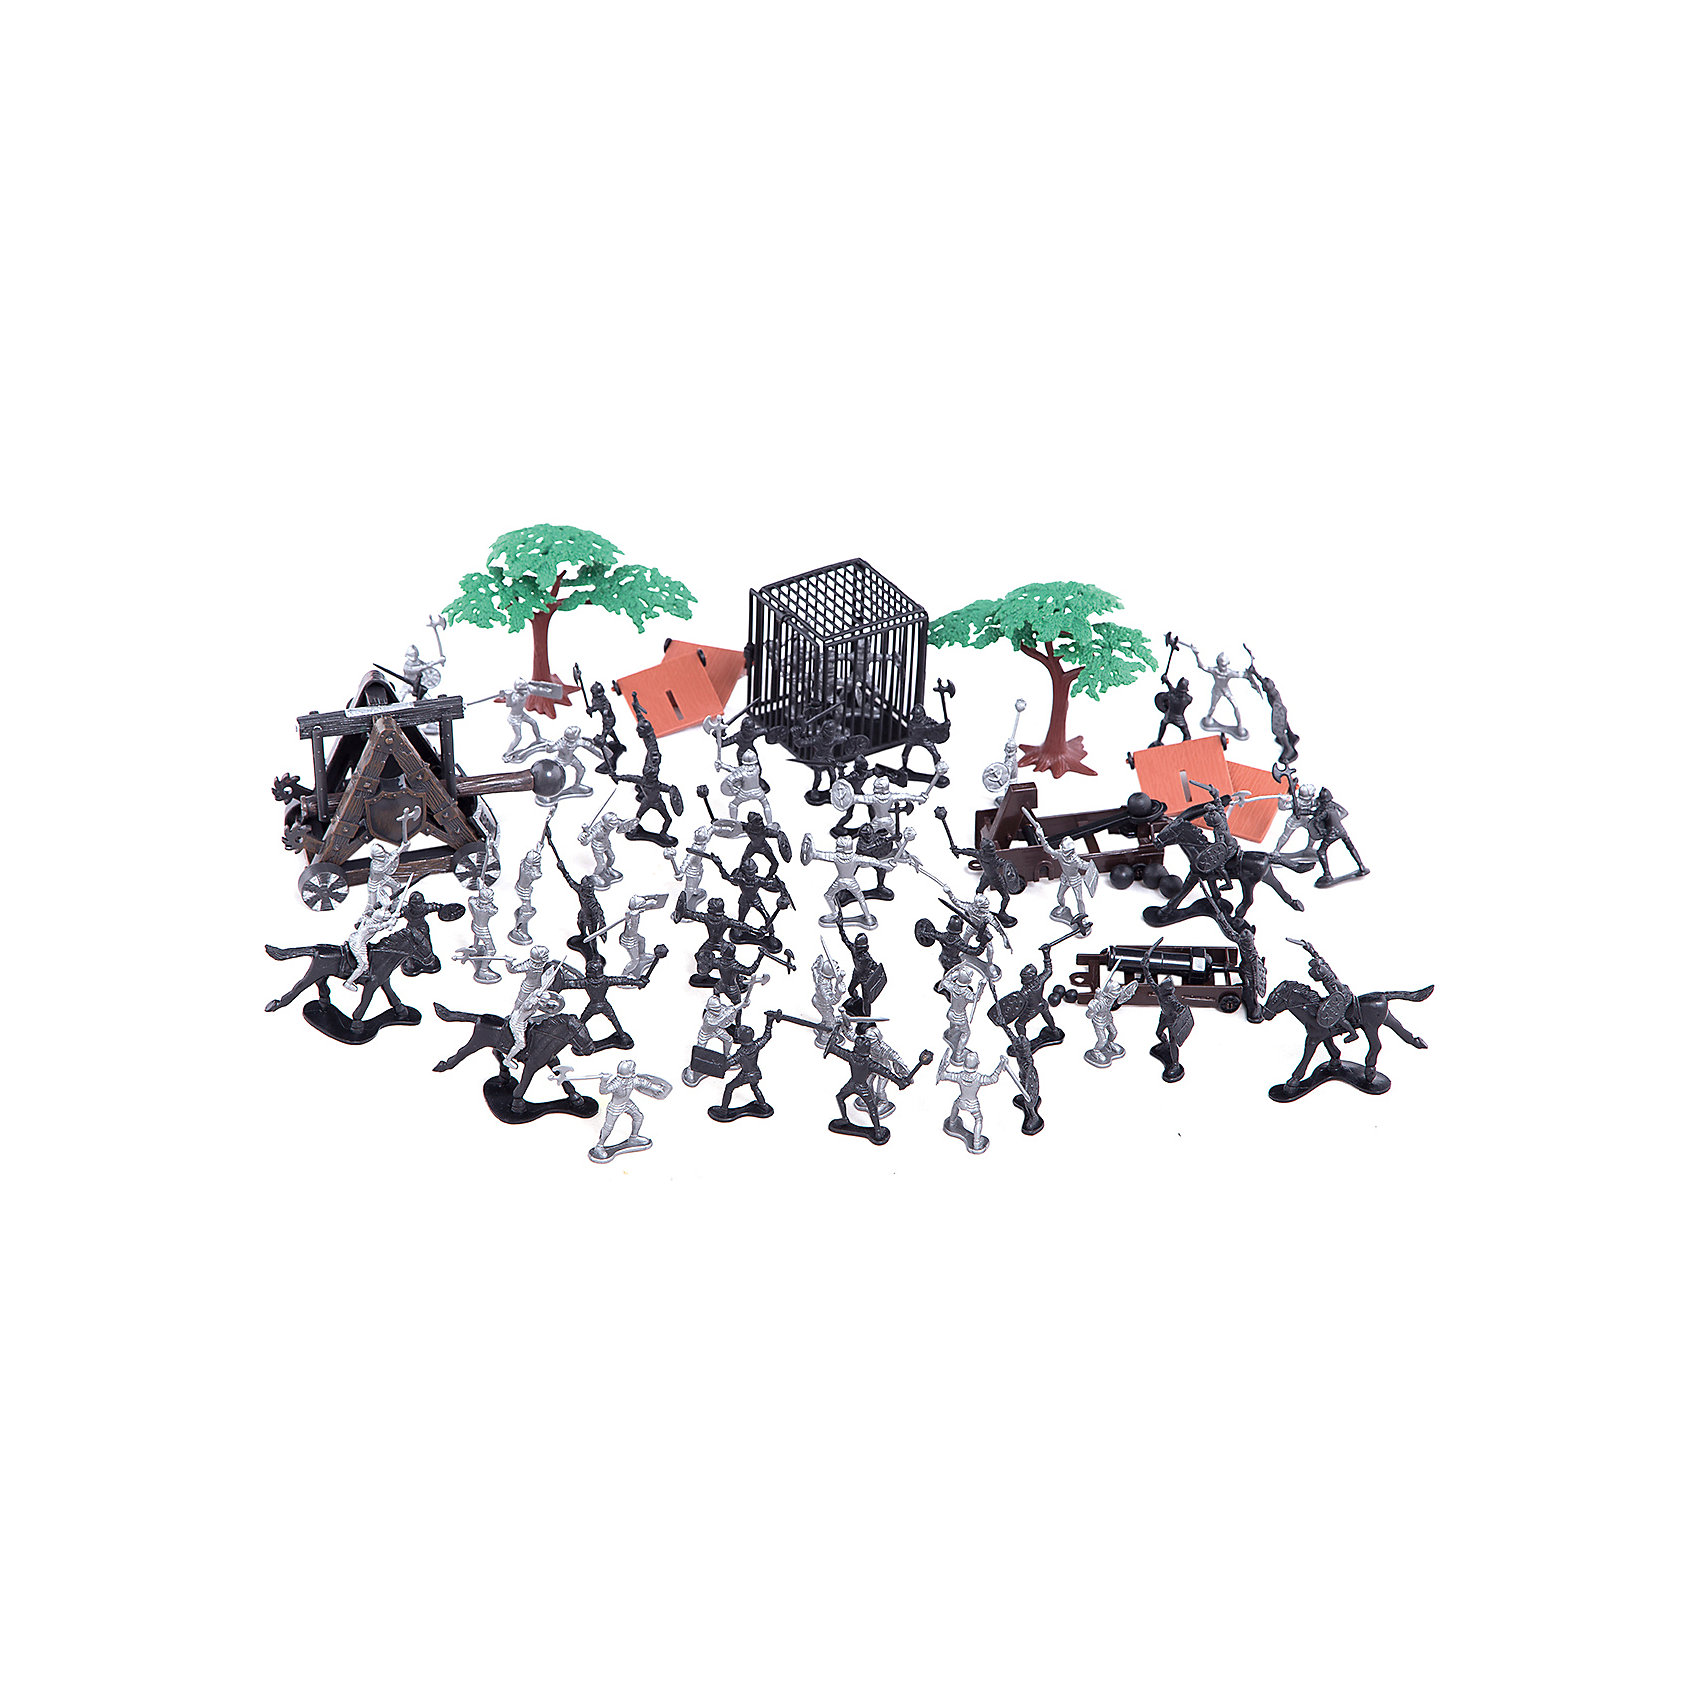 Рыцарский набор, Toy MajorСолдатики и рыцари<br>Рыцарский набор, Toy Major – этот игровой набор обязательно увлечет вашего ребенка.<br>Рыцарский набор обязательно понравится любому мальчику, который любит истории о средневековых турнирах и отважных воинах. В наборе две рыцарских армии. Рыцари вооружены мечами, булавами, топорами, а также специальным оборудованием для длительной осады. Некоторые рыцари - на лошадях. Храбрые войны в случае нападения врага могут укрыться за деревьями или щитами. А когда враг будет взят в плен, его можно бросить в клетку. С набором можно придумать множество историй, которые увлекут вашего мальчика во времена средневековья. Все детали набора хорошо проработаны и максимально натуралистичны. Изготовлено из высококачественного пластика.<br><br>Дополнительная информация:<br><br>- В наборе: 2 отряда рыцарей, аксессуары для игры<br>- Количество элементов: 82<br>- Высота рыцаря: 5 см.<br>- Материал: пластик<br>- Упаковка: пластиковый контейнер<br>- Размер упаковки: 17,5х17,5х22,9 см.<br><br>Рыцарский набор, Toy Major можно купить в нашем интернет-магазине.<br><br>Ширина мм: 220<br>Глубина мм: 170<br>Высота мм: 170<br>Вес г: 1100<br>Возраст от месяцев: 36<br>Возраст до месяцев: 96<br>Пол: Мужской<br>Возраст: Детский<br>SKU: 4747486